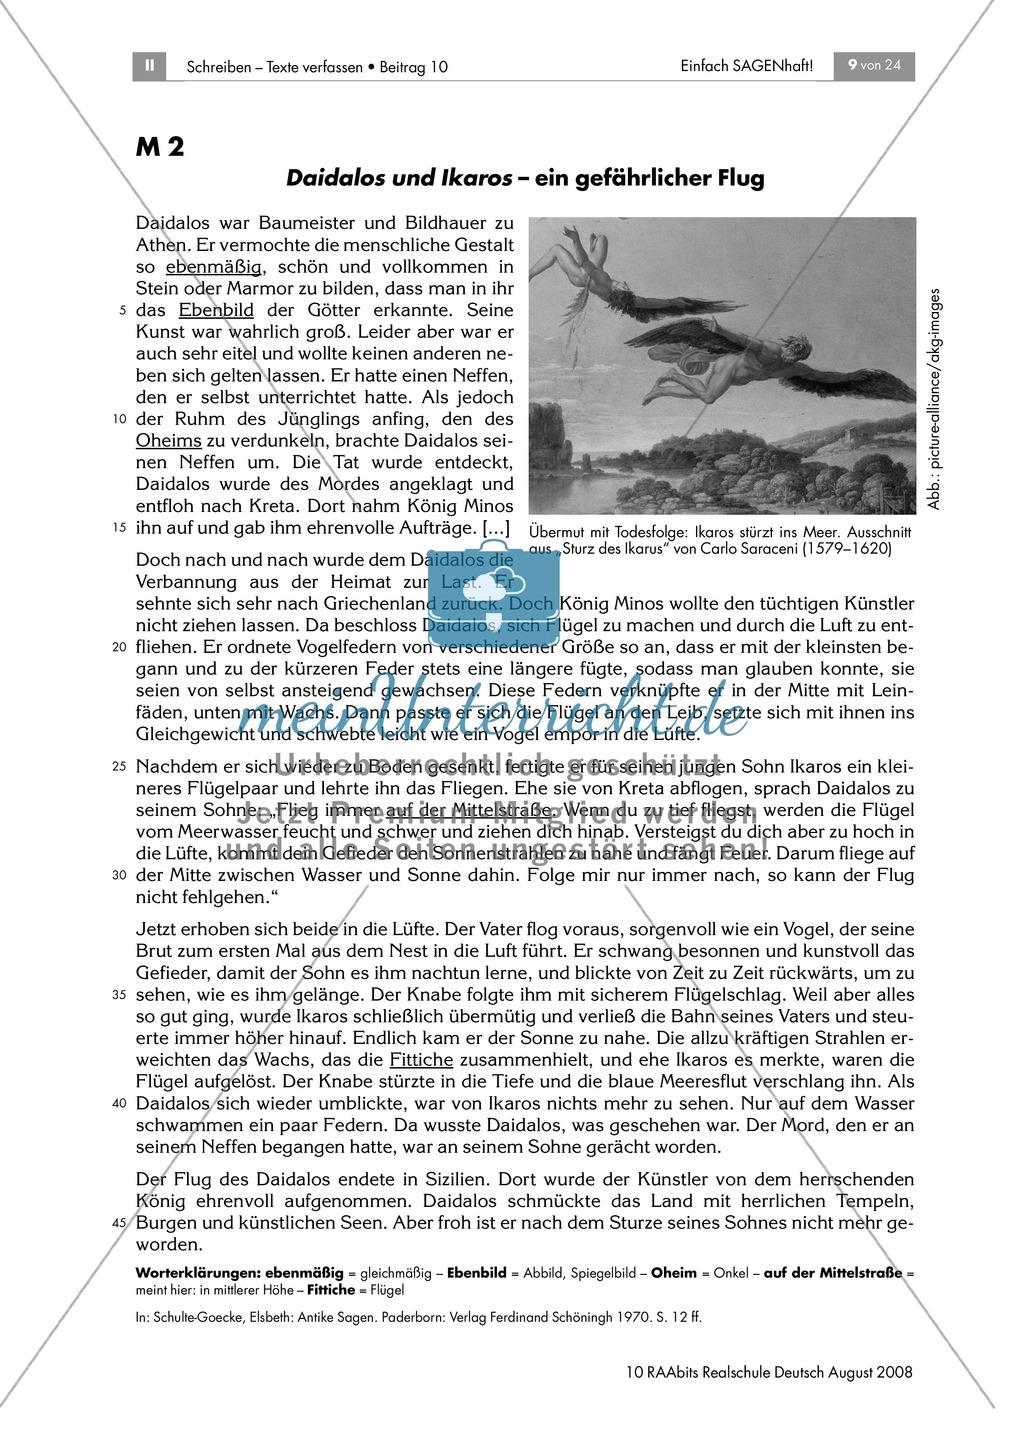 Das Trojanische Pferd: Einen Überblick über die Sage gewinnen Preview 0